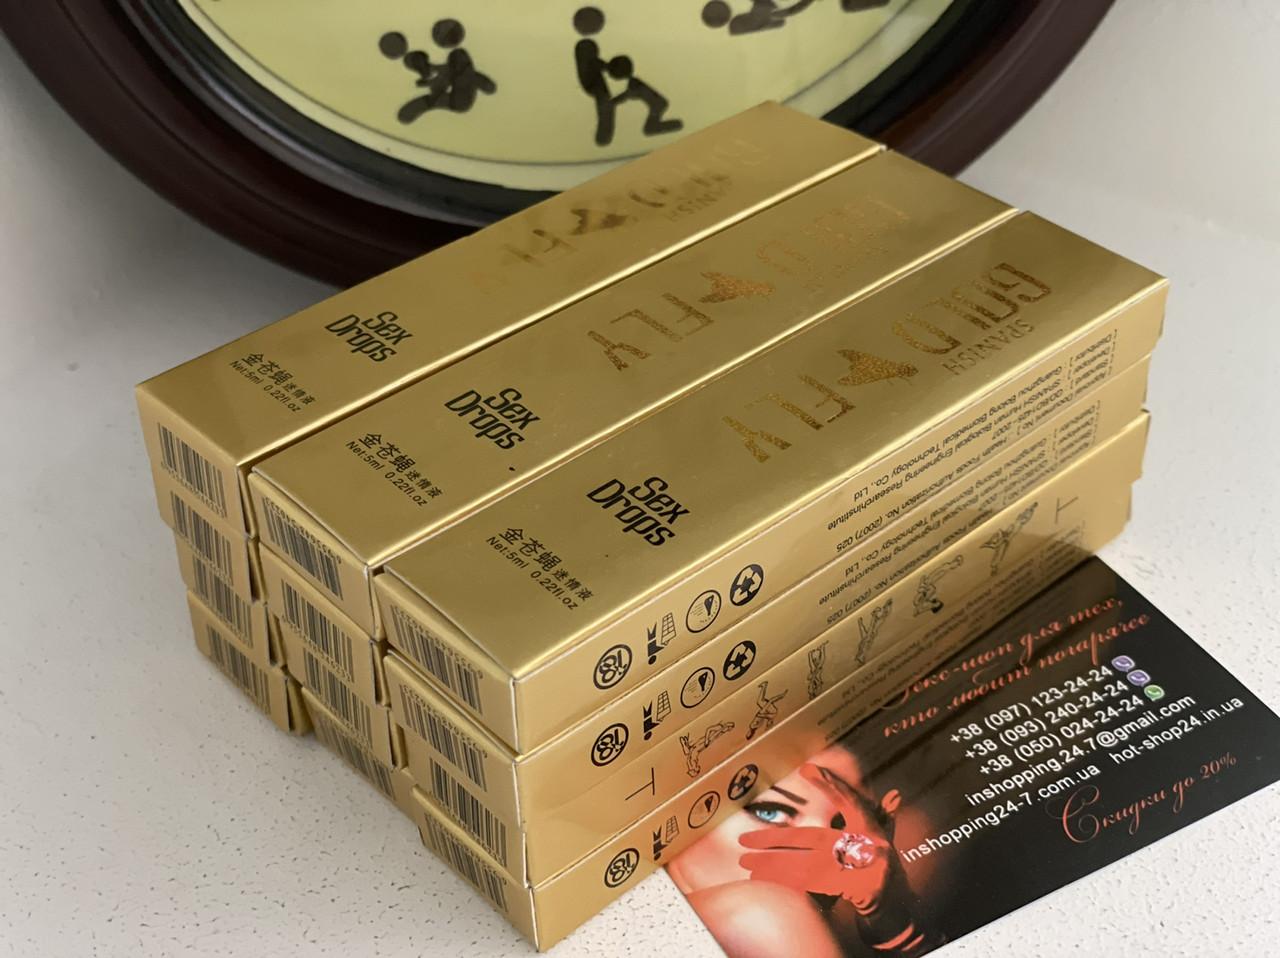 Збуджуючі краплі для жінок Шпанська мушка / Spanish Gold Fly (12 шт. в упаковці, краплі)